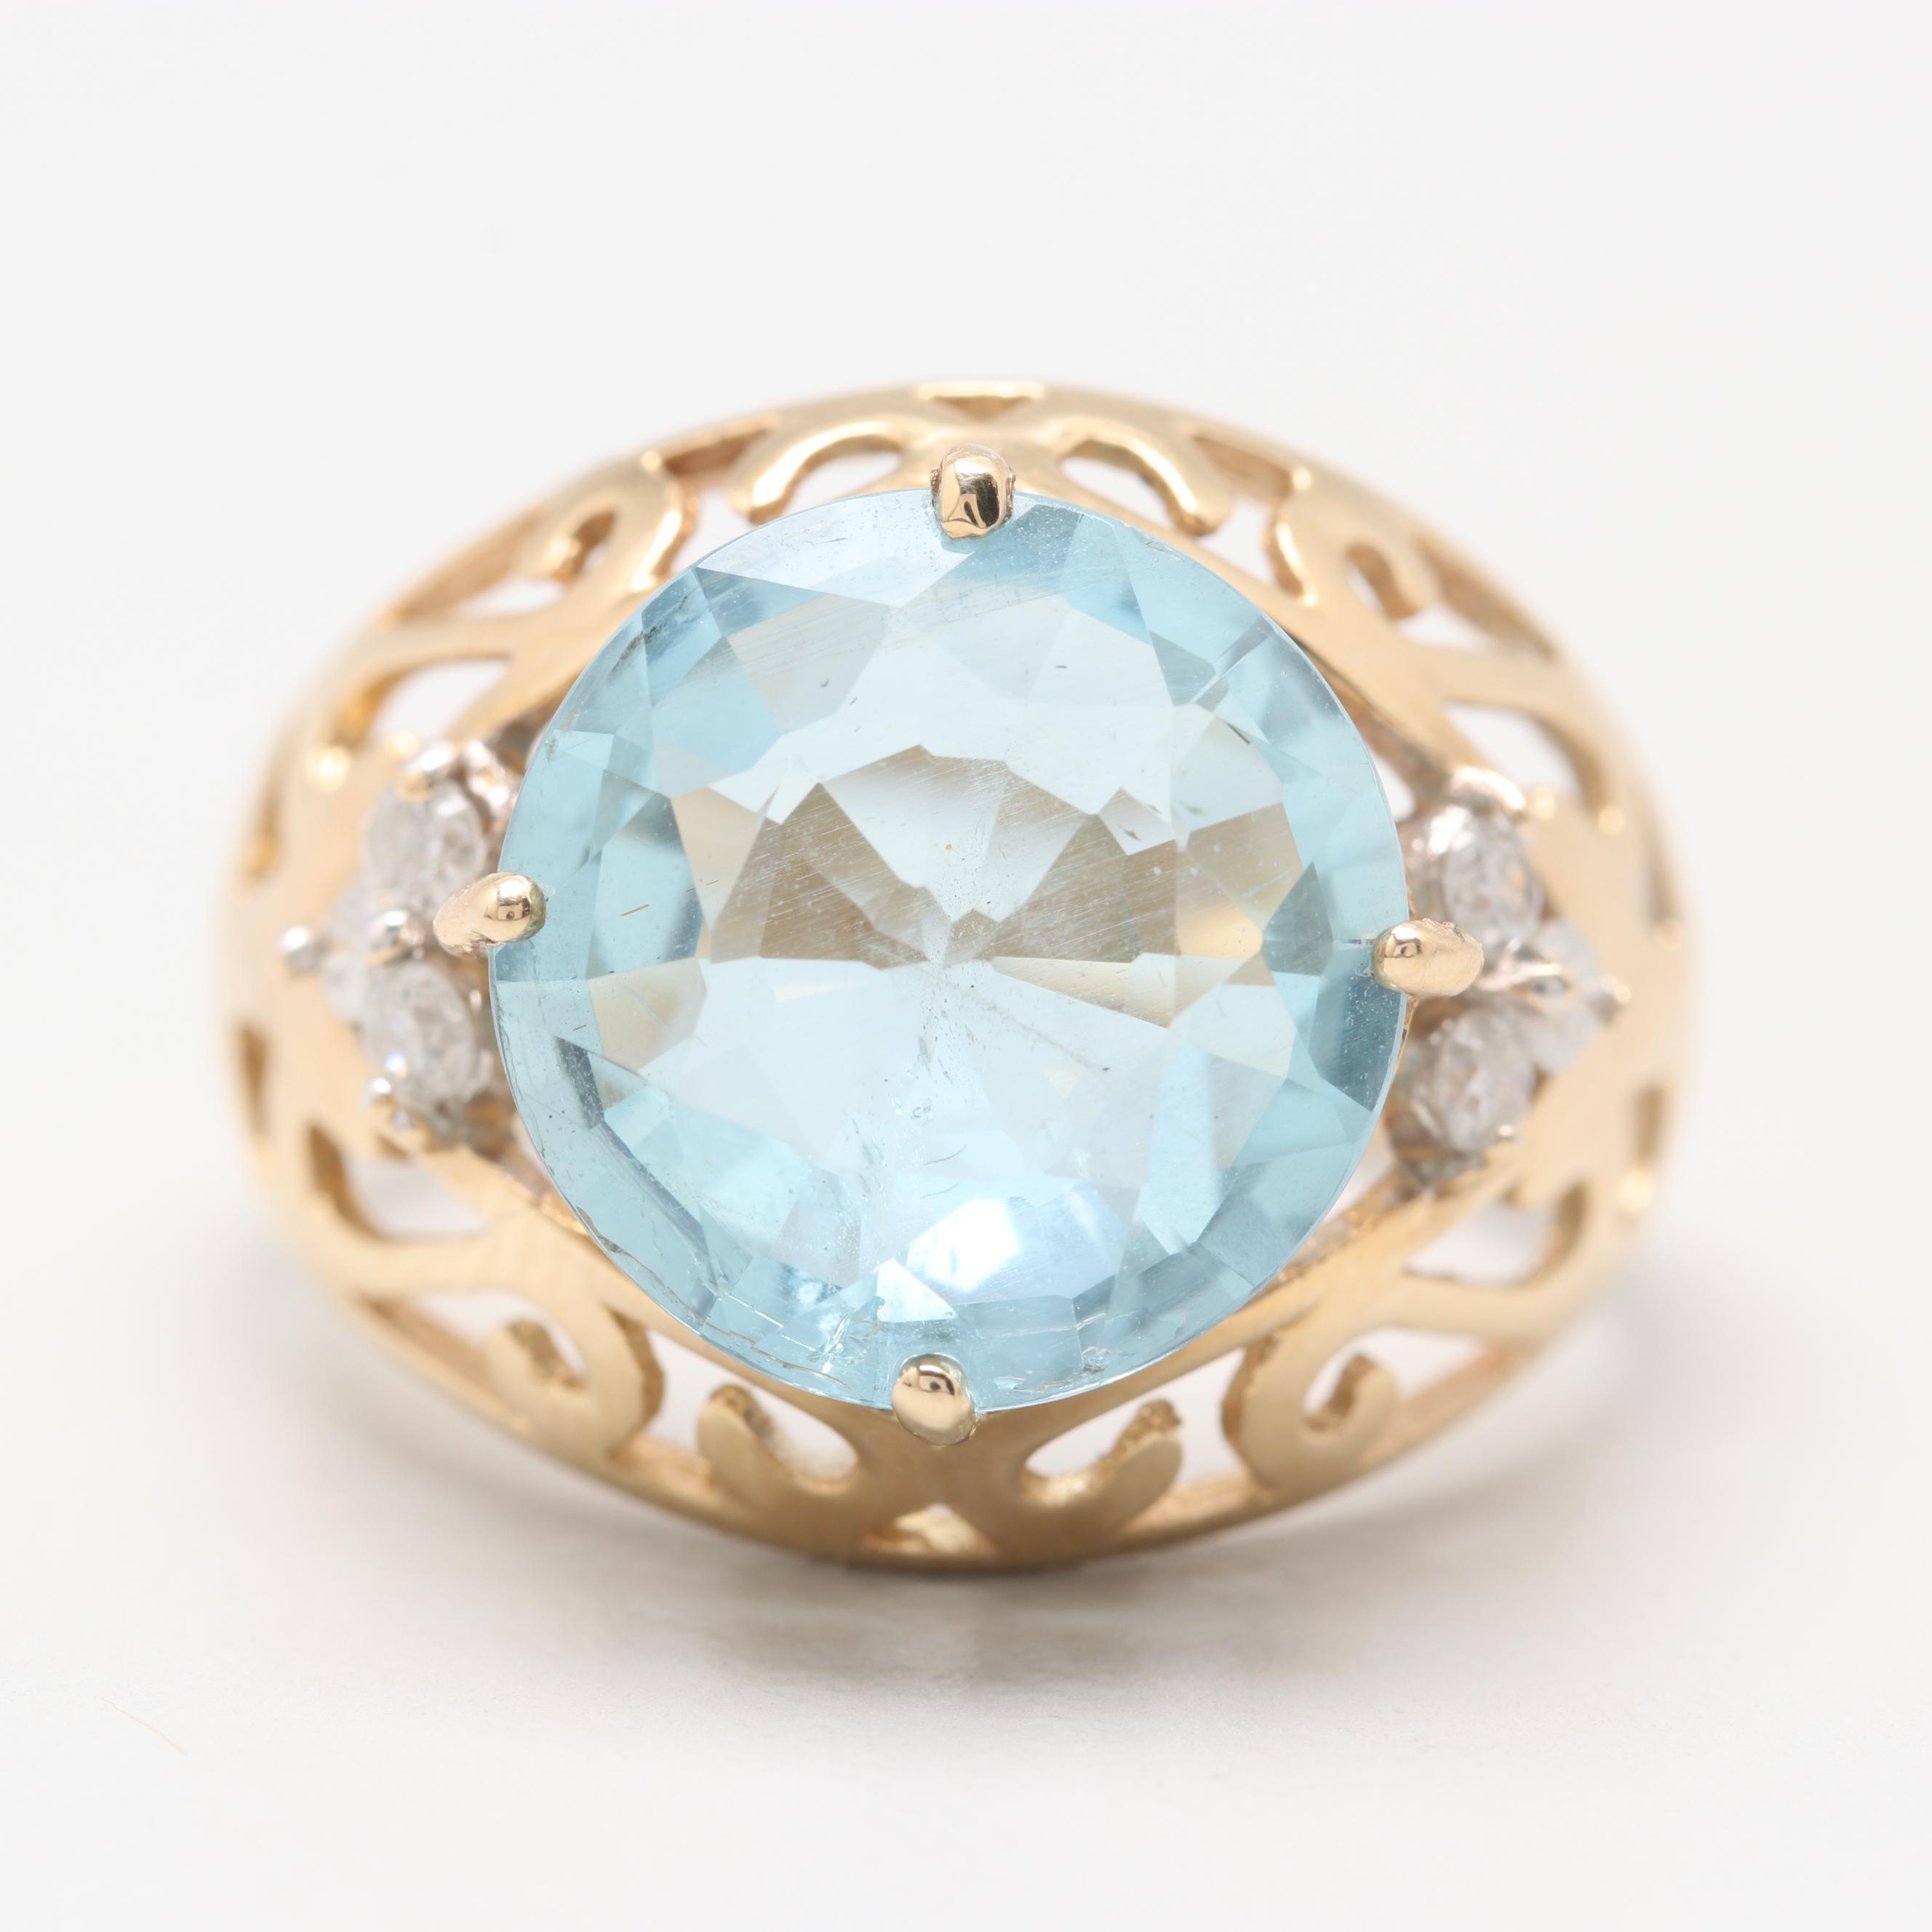 14K Yellow Gold 3.17 CT Aquamarine and Diamond Ring